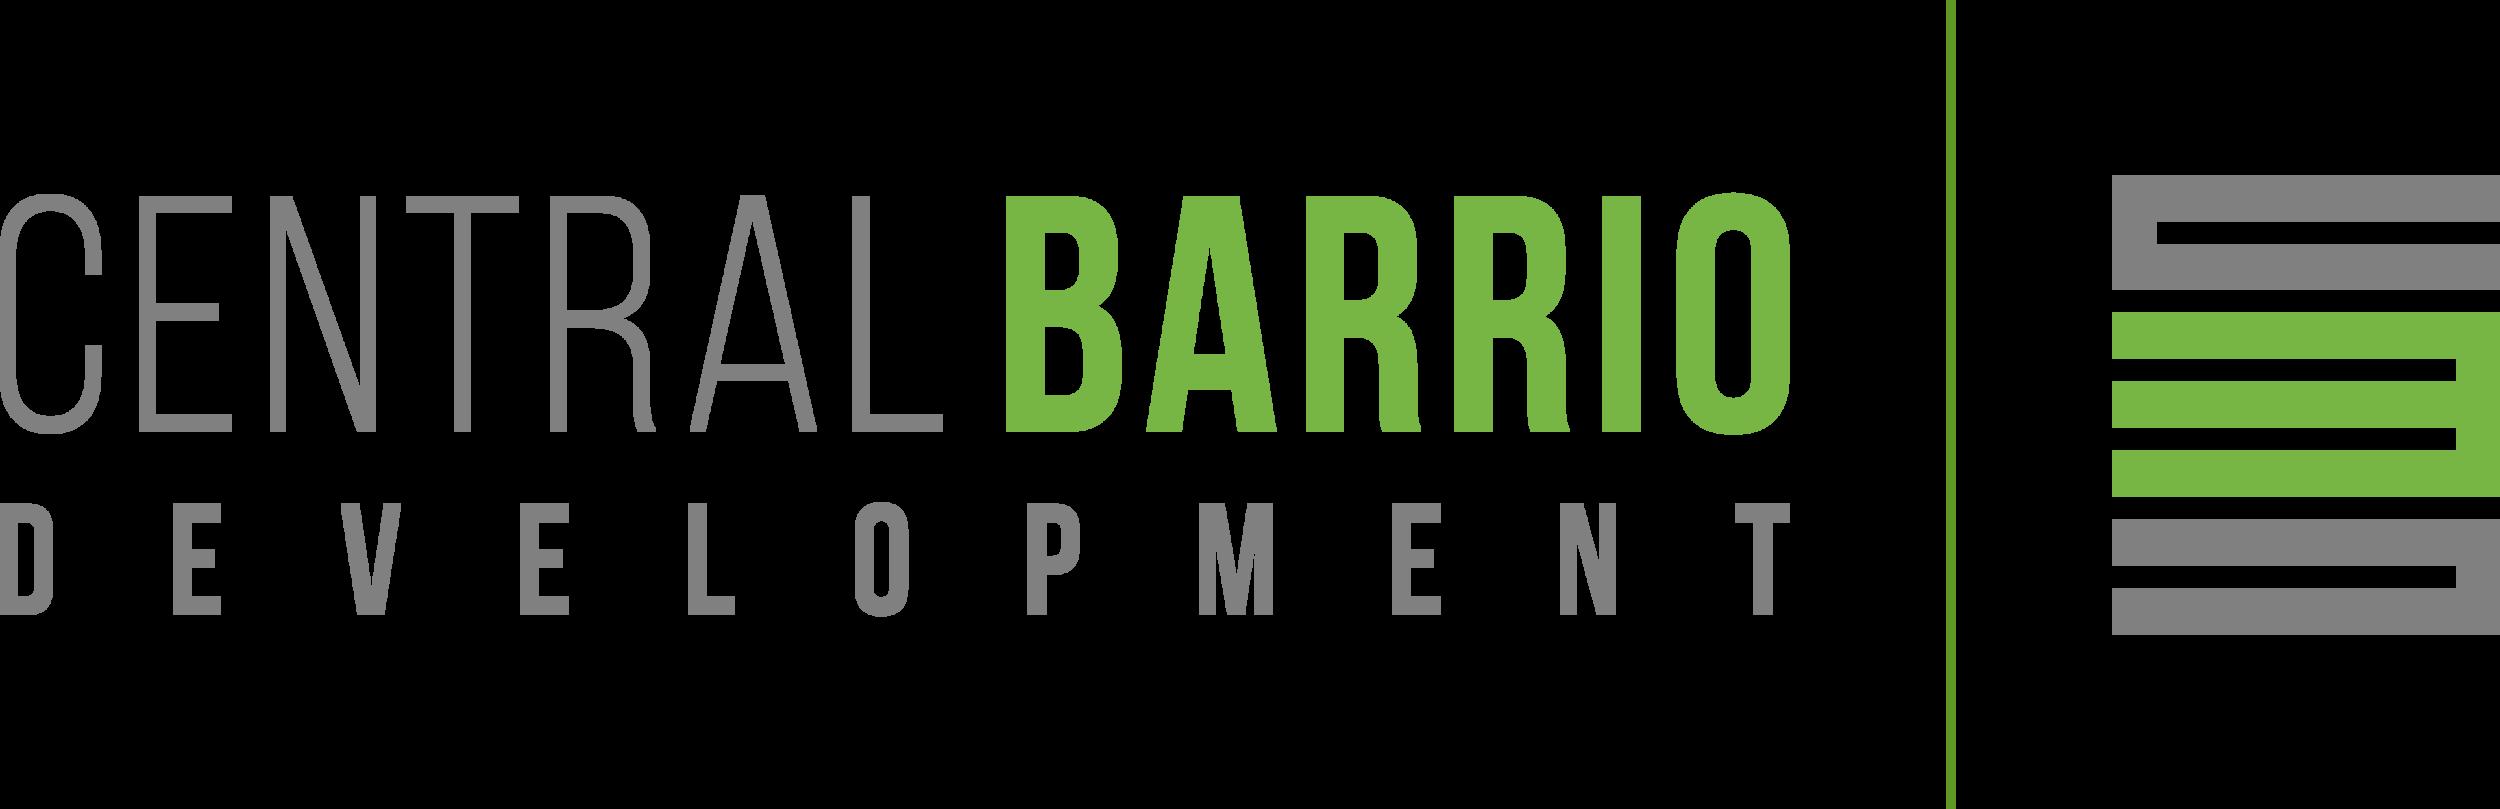 Central Barrio Logo